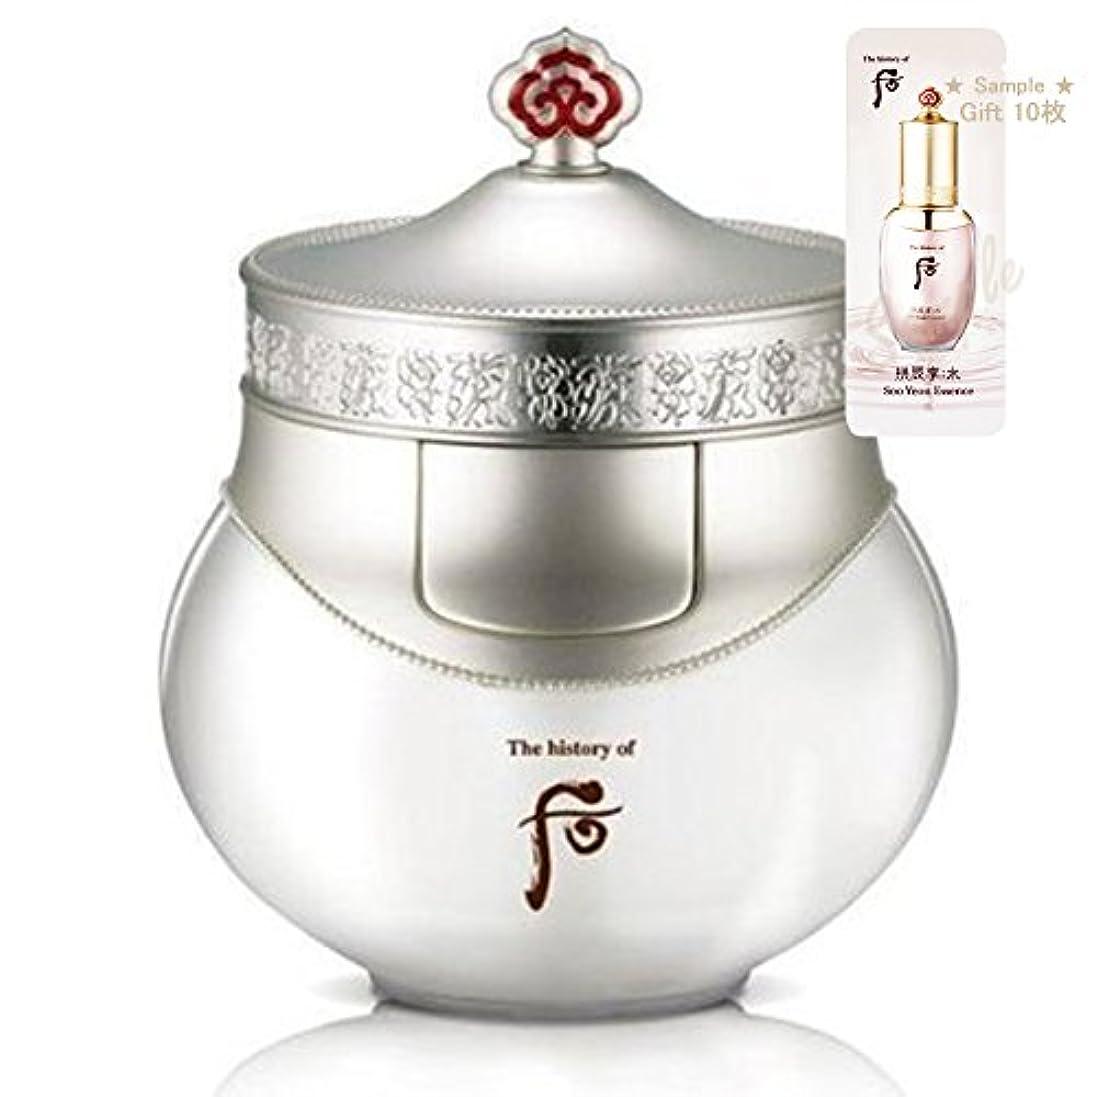 中止します部分進行中The history of whoo Gongjinhyang Seol Whitening & Mositure Cream - 60ml[並行輸入品]